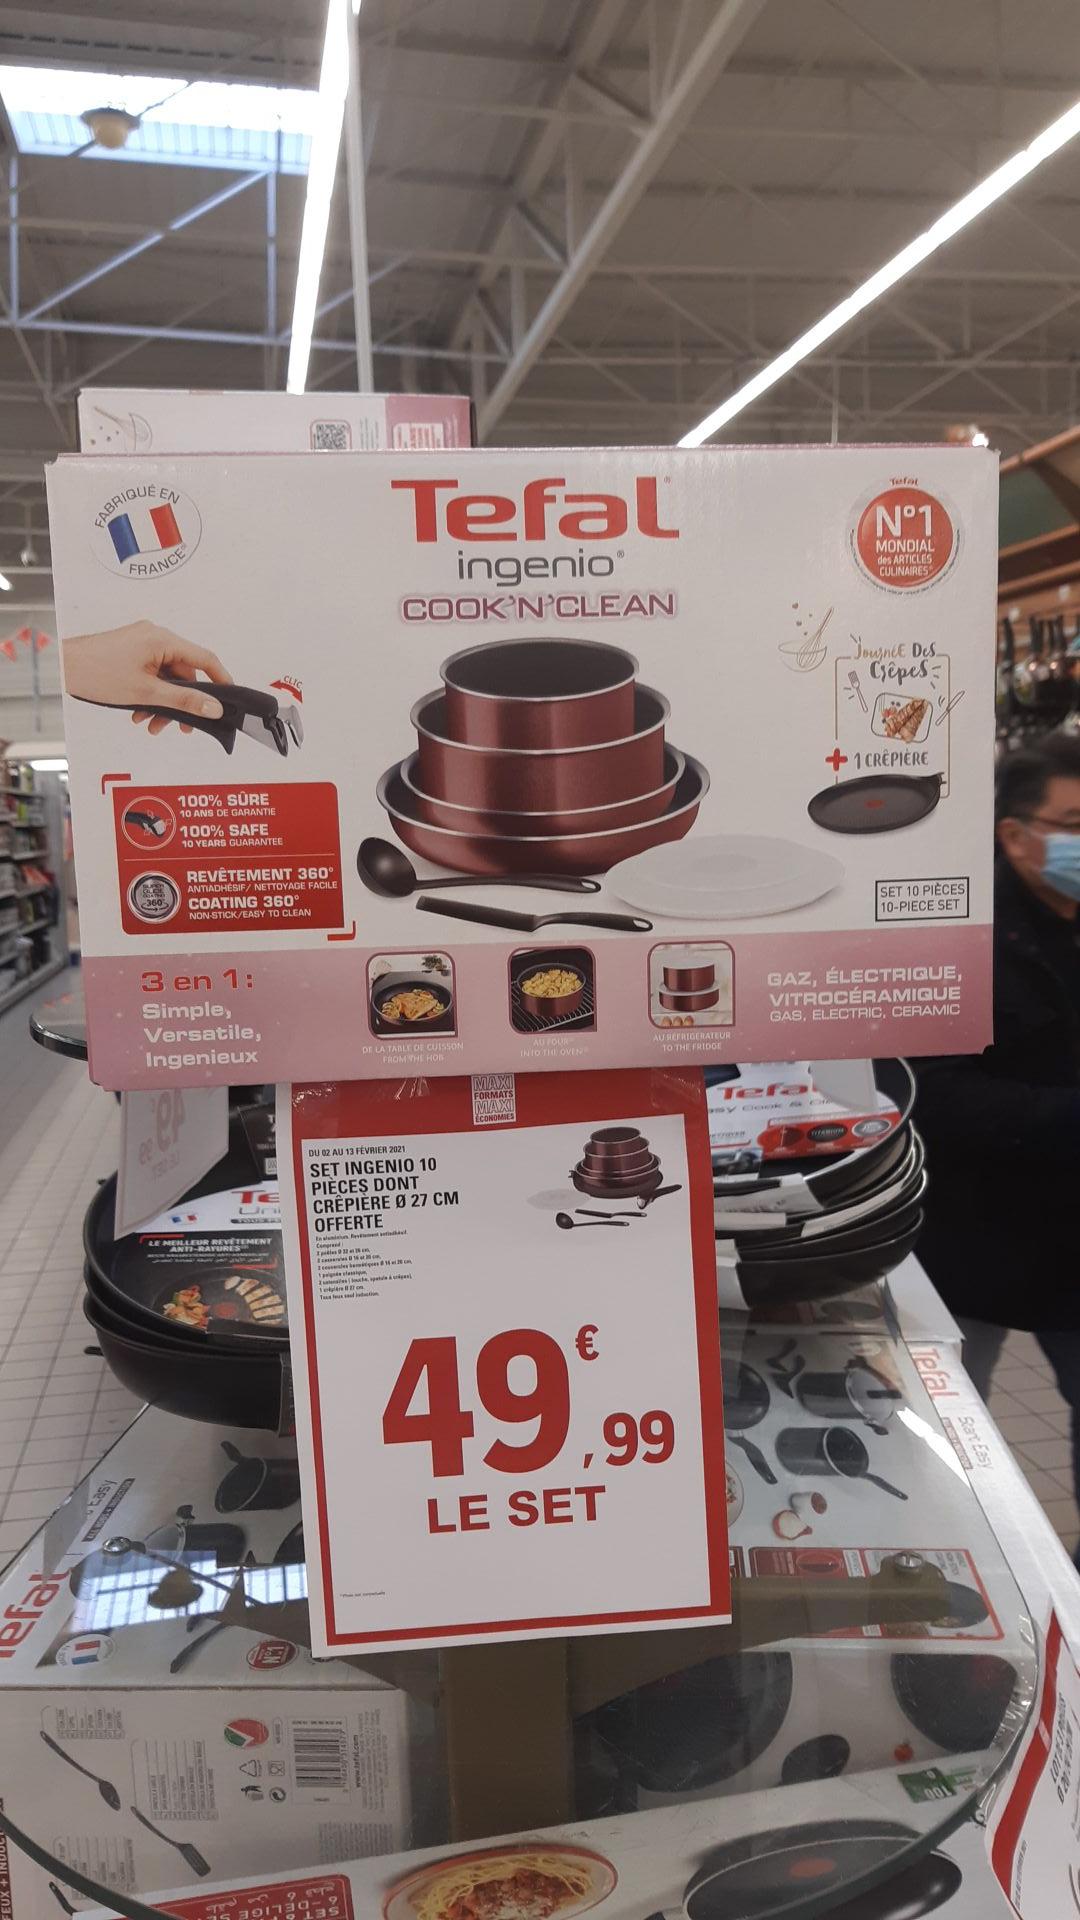 Batterie de cuisine 10 pièces Tefal Ingenio Cook'N'Clean - Ile de France